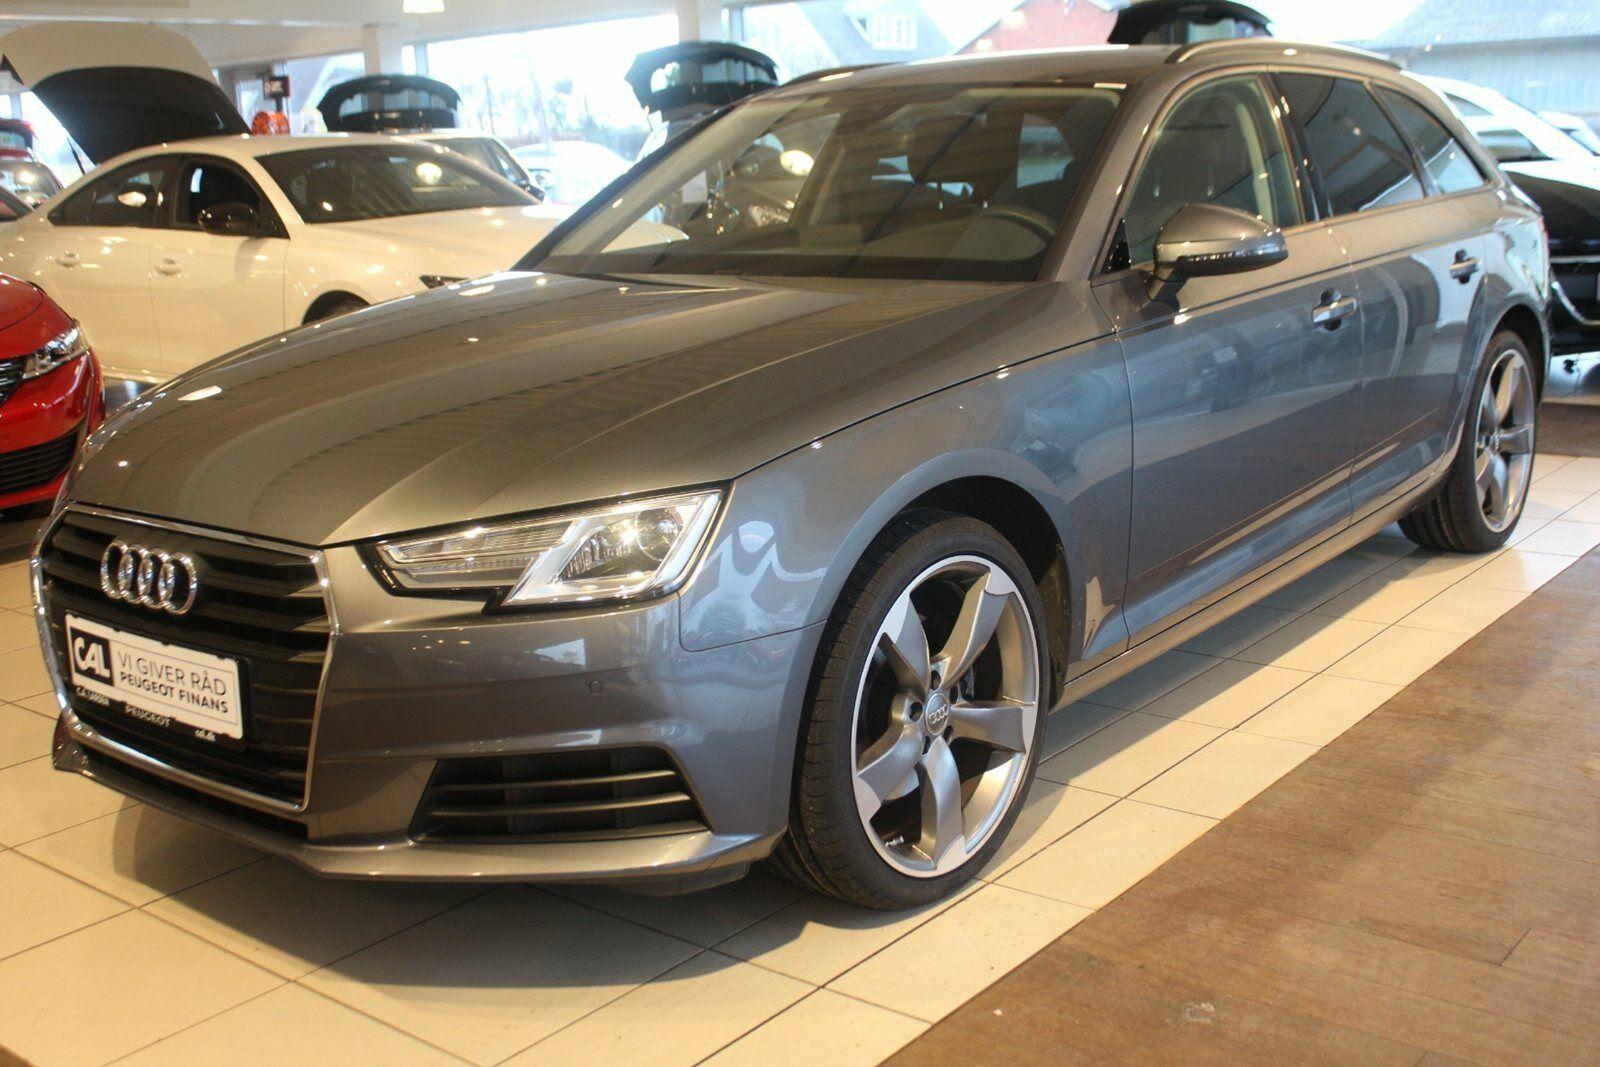 Audi A4 2,0 TFSi 190 Avant S-tr. 5d - 389.900 kr.